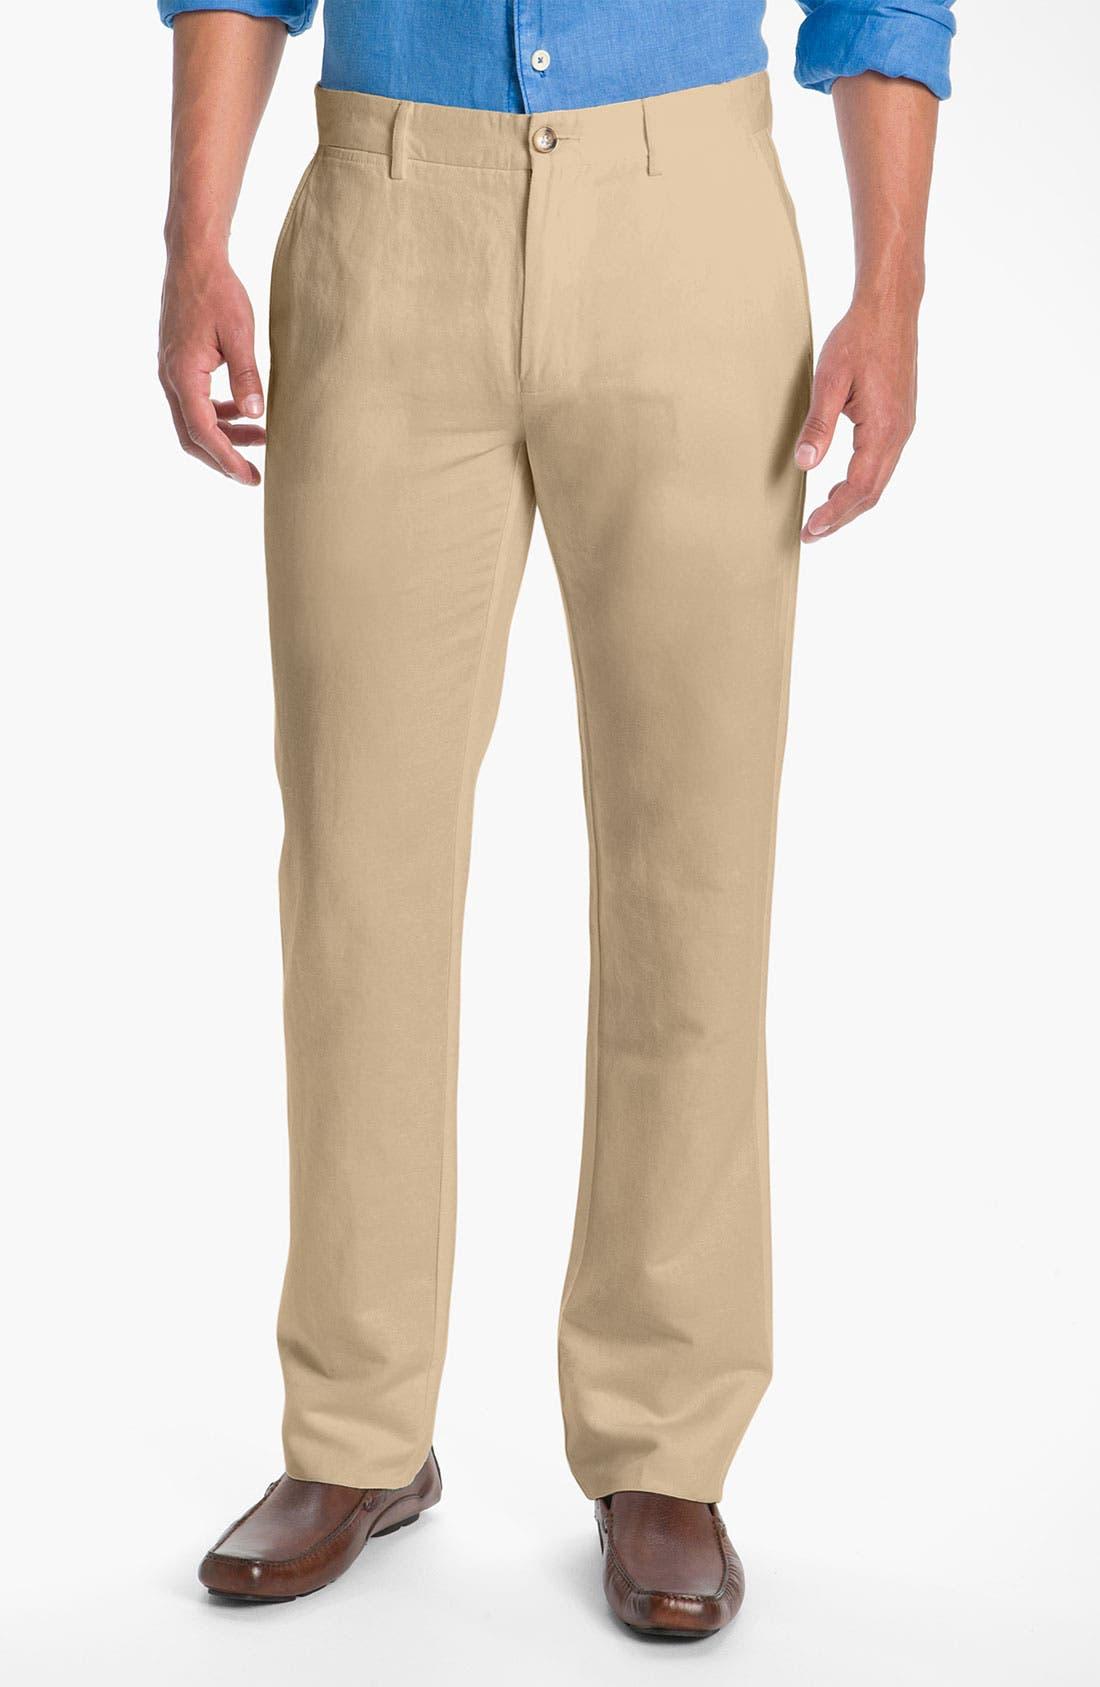 Alternate Image 1 Selected - Façonnable Flat Front Linen & Cotton Pants